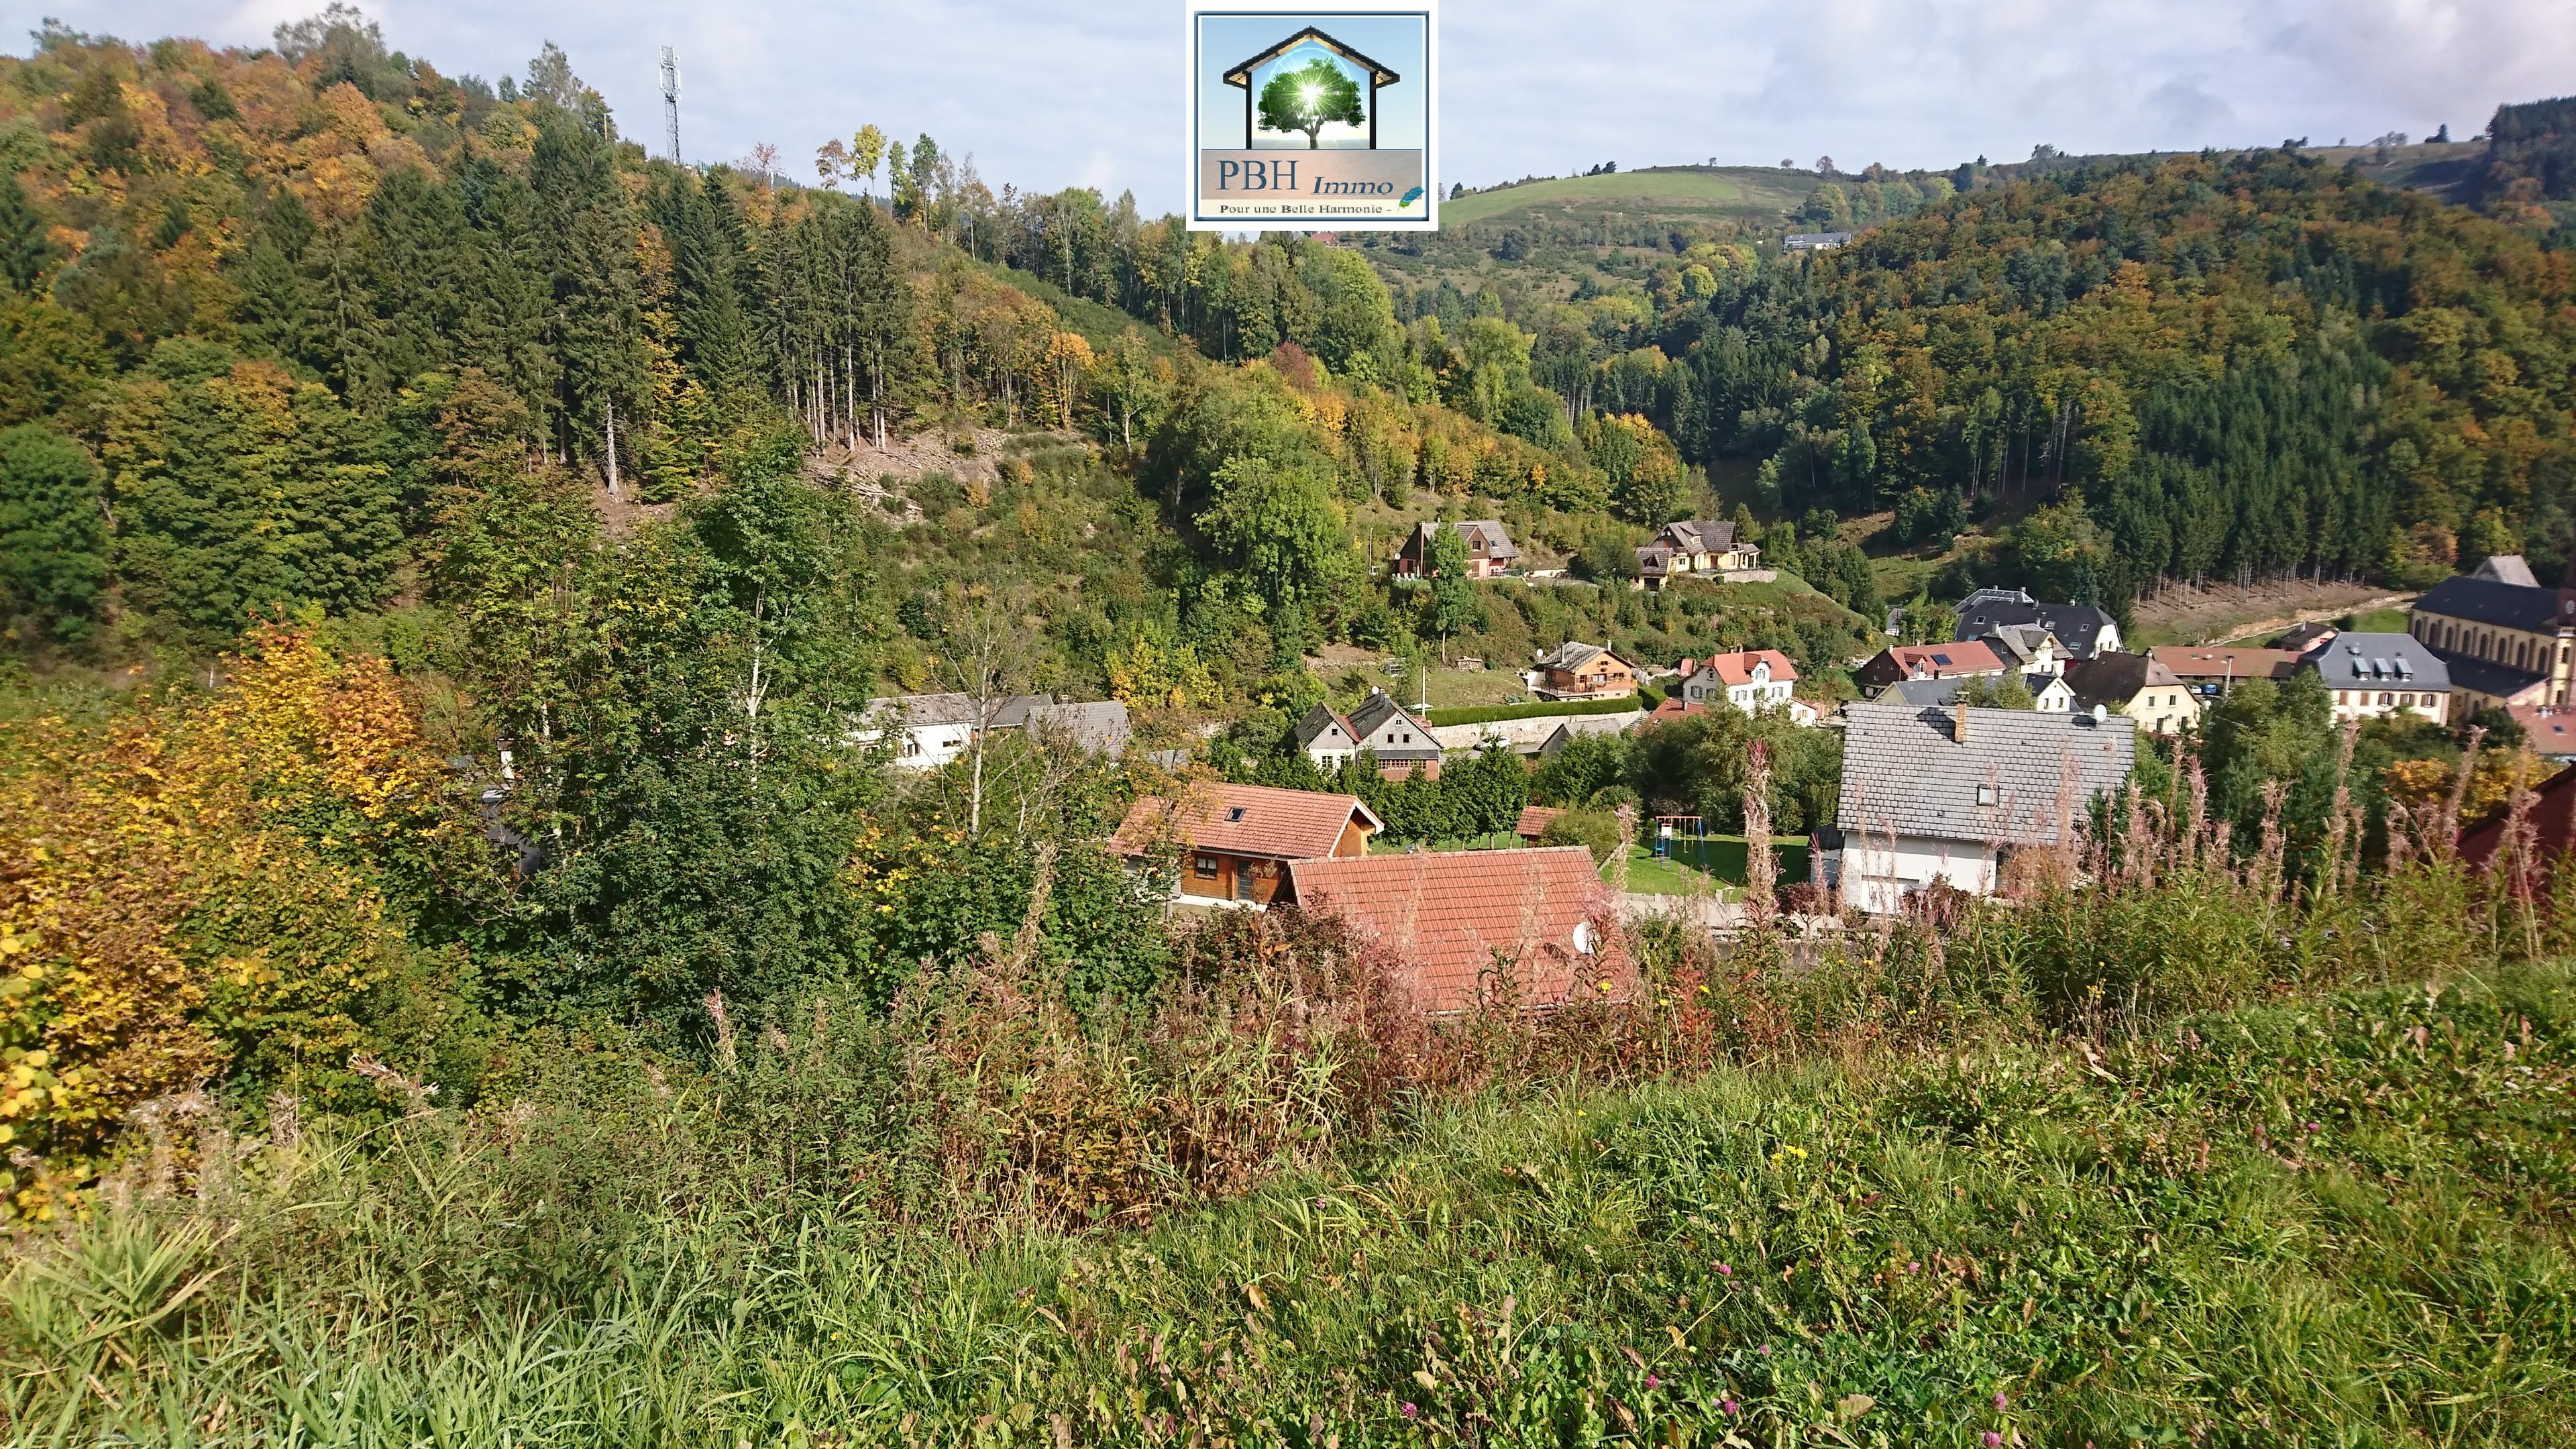 vente terrain Le bonhomme Le bonhomme 68650